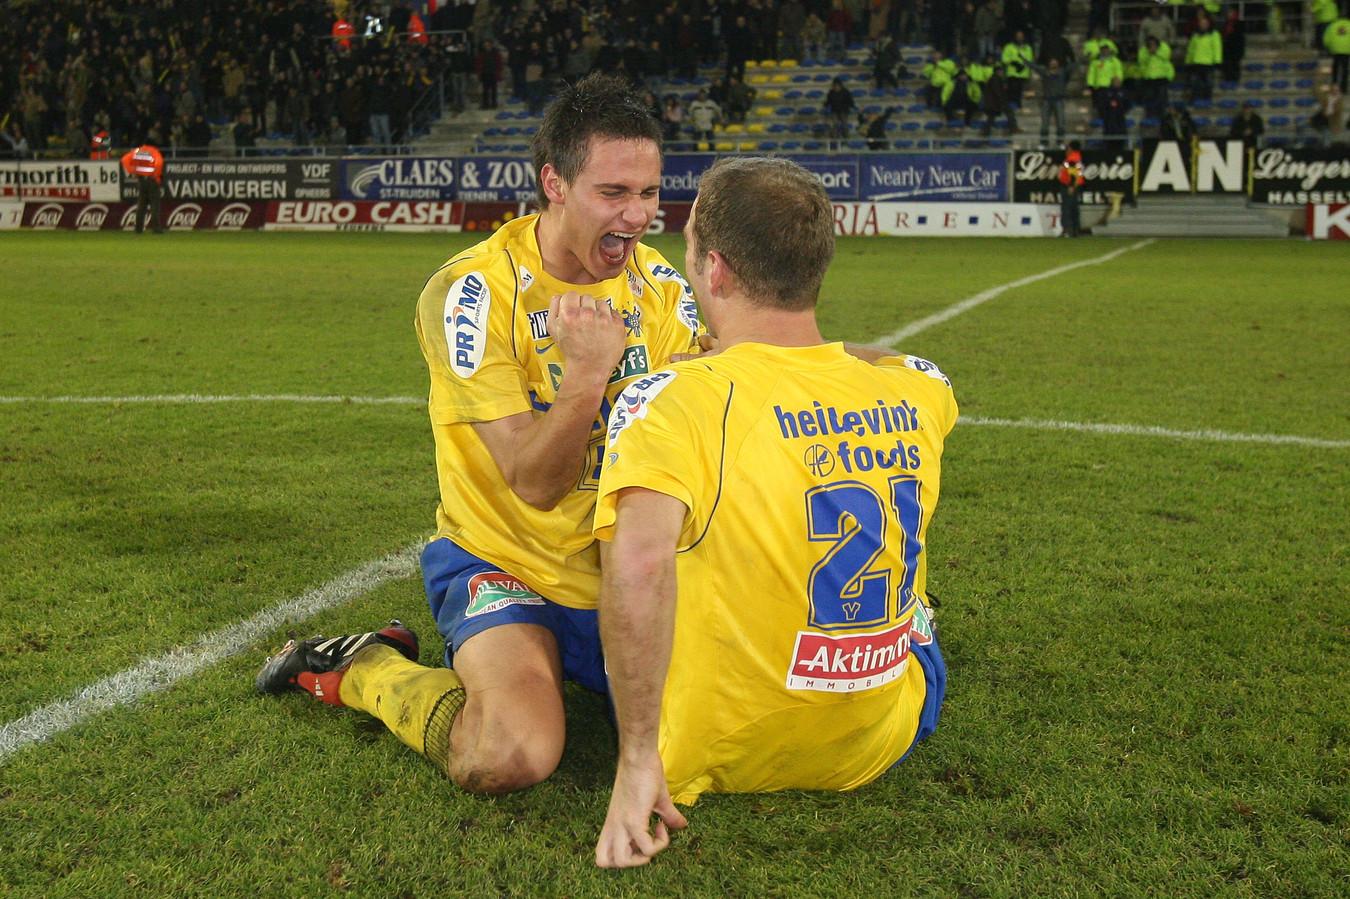 Egon Wisniowski en Ilija Stolica vieren de bekerzege op de rivalen van Genk.